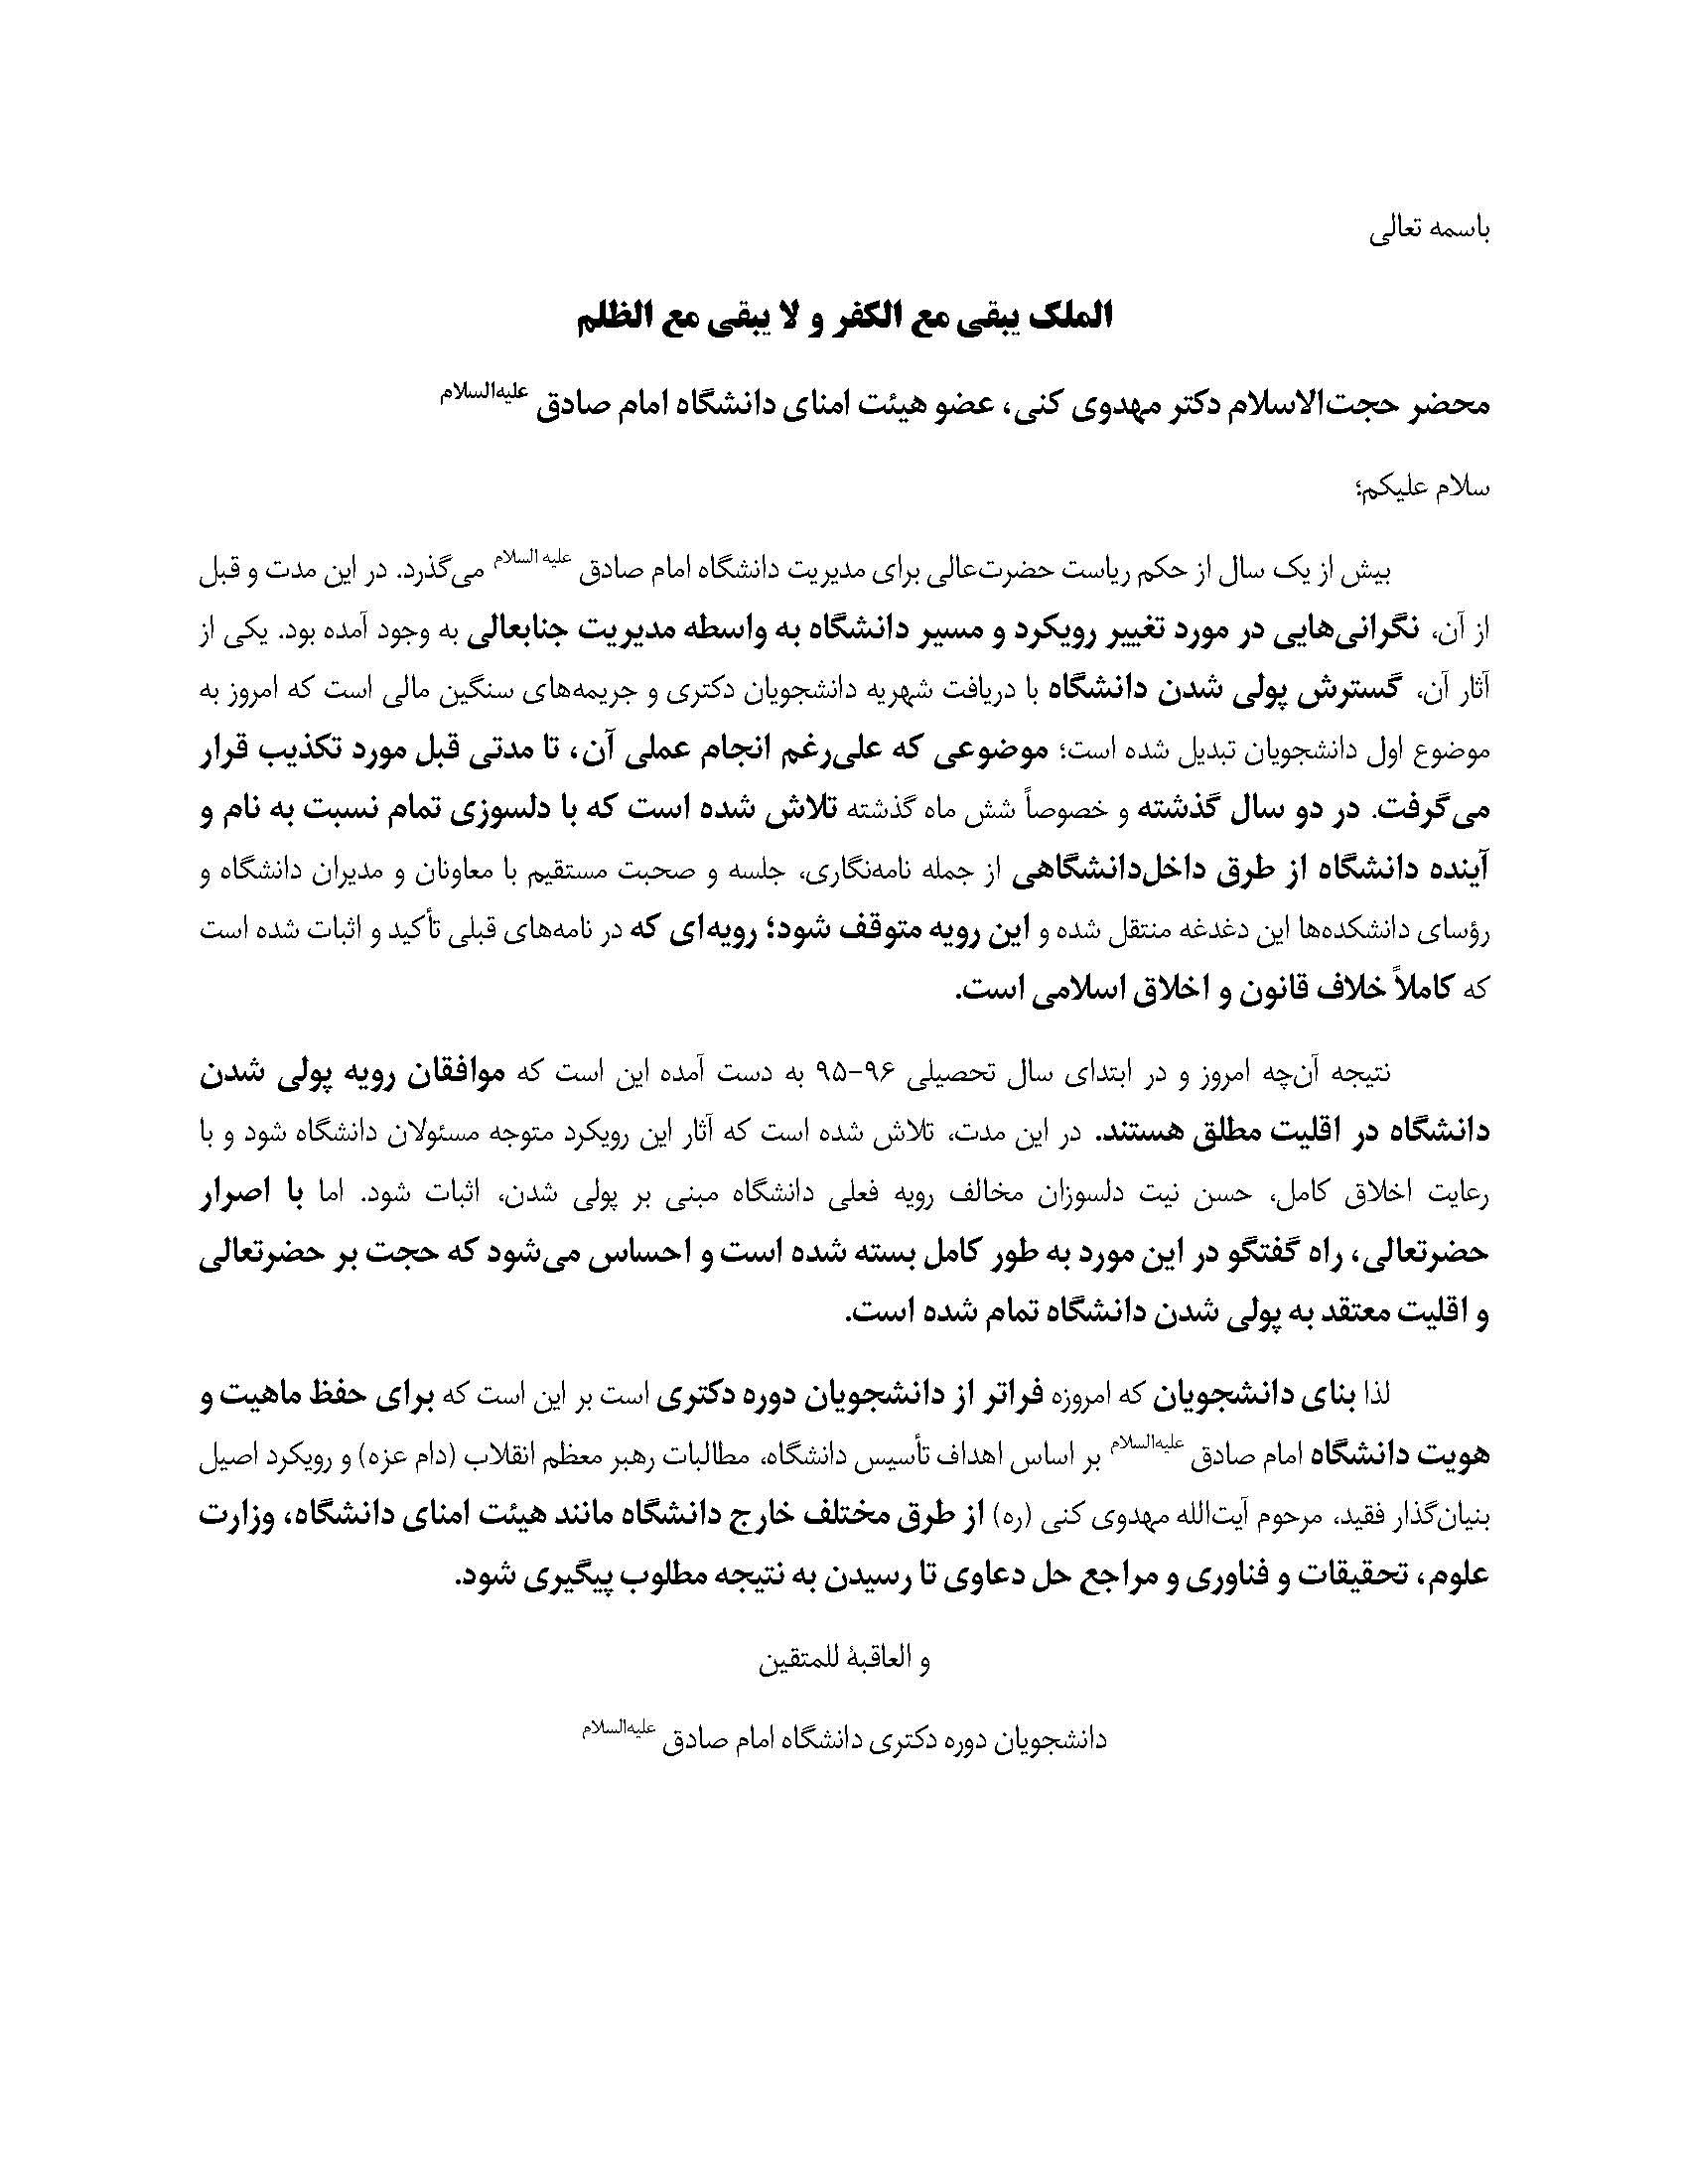 نامه اتمام دانشجویان دکتری